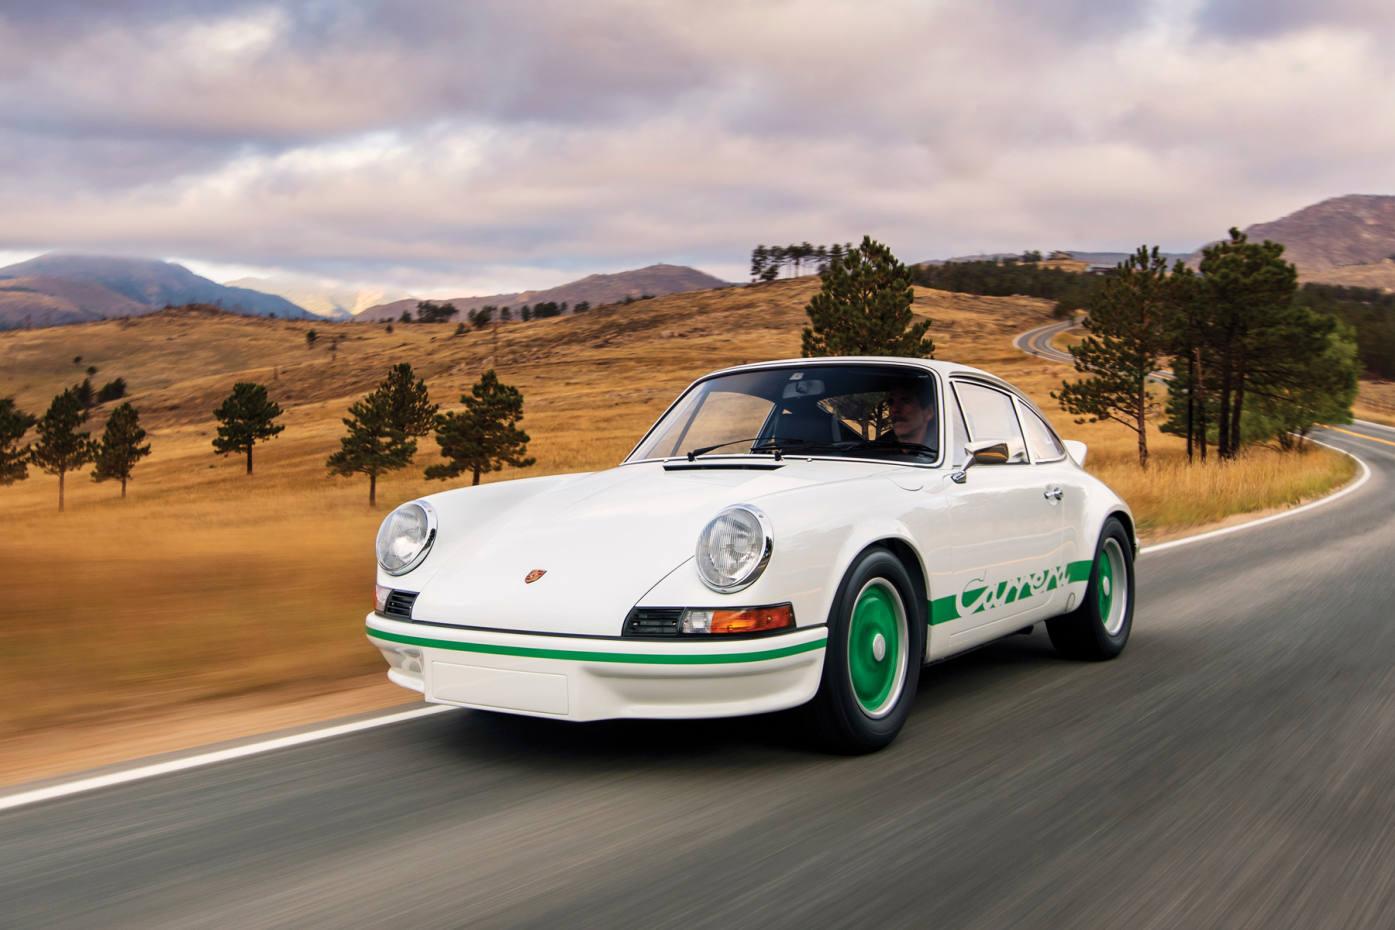 The 1973 Porsche 911 Carrera RS 2.7 Sport is one of just 200 original lightweight versions built,$875,000-$1.1m